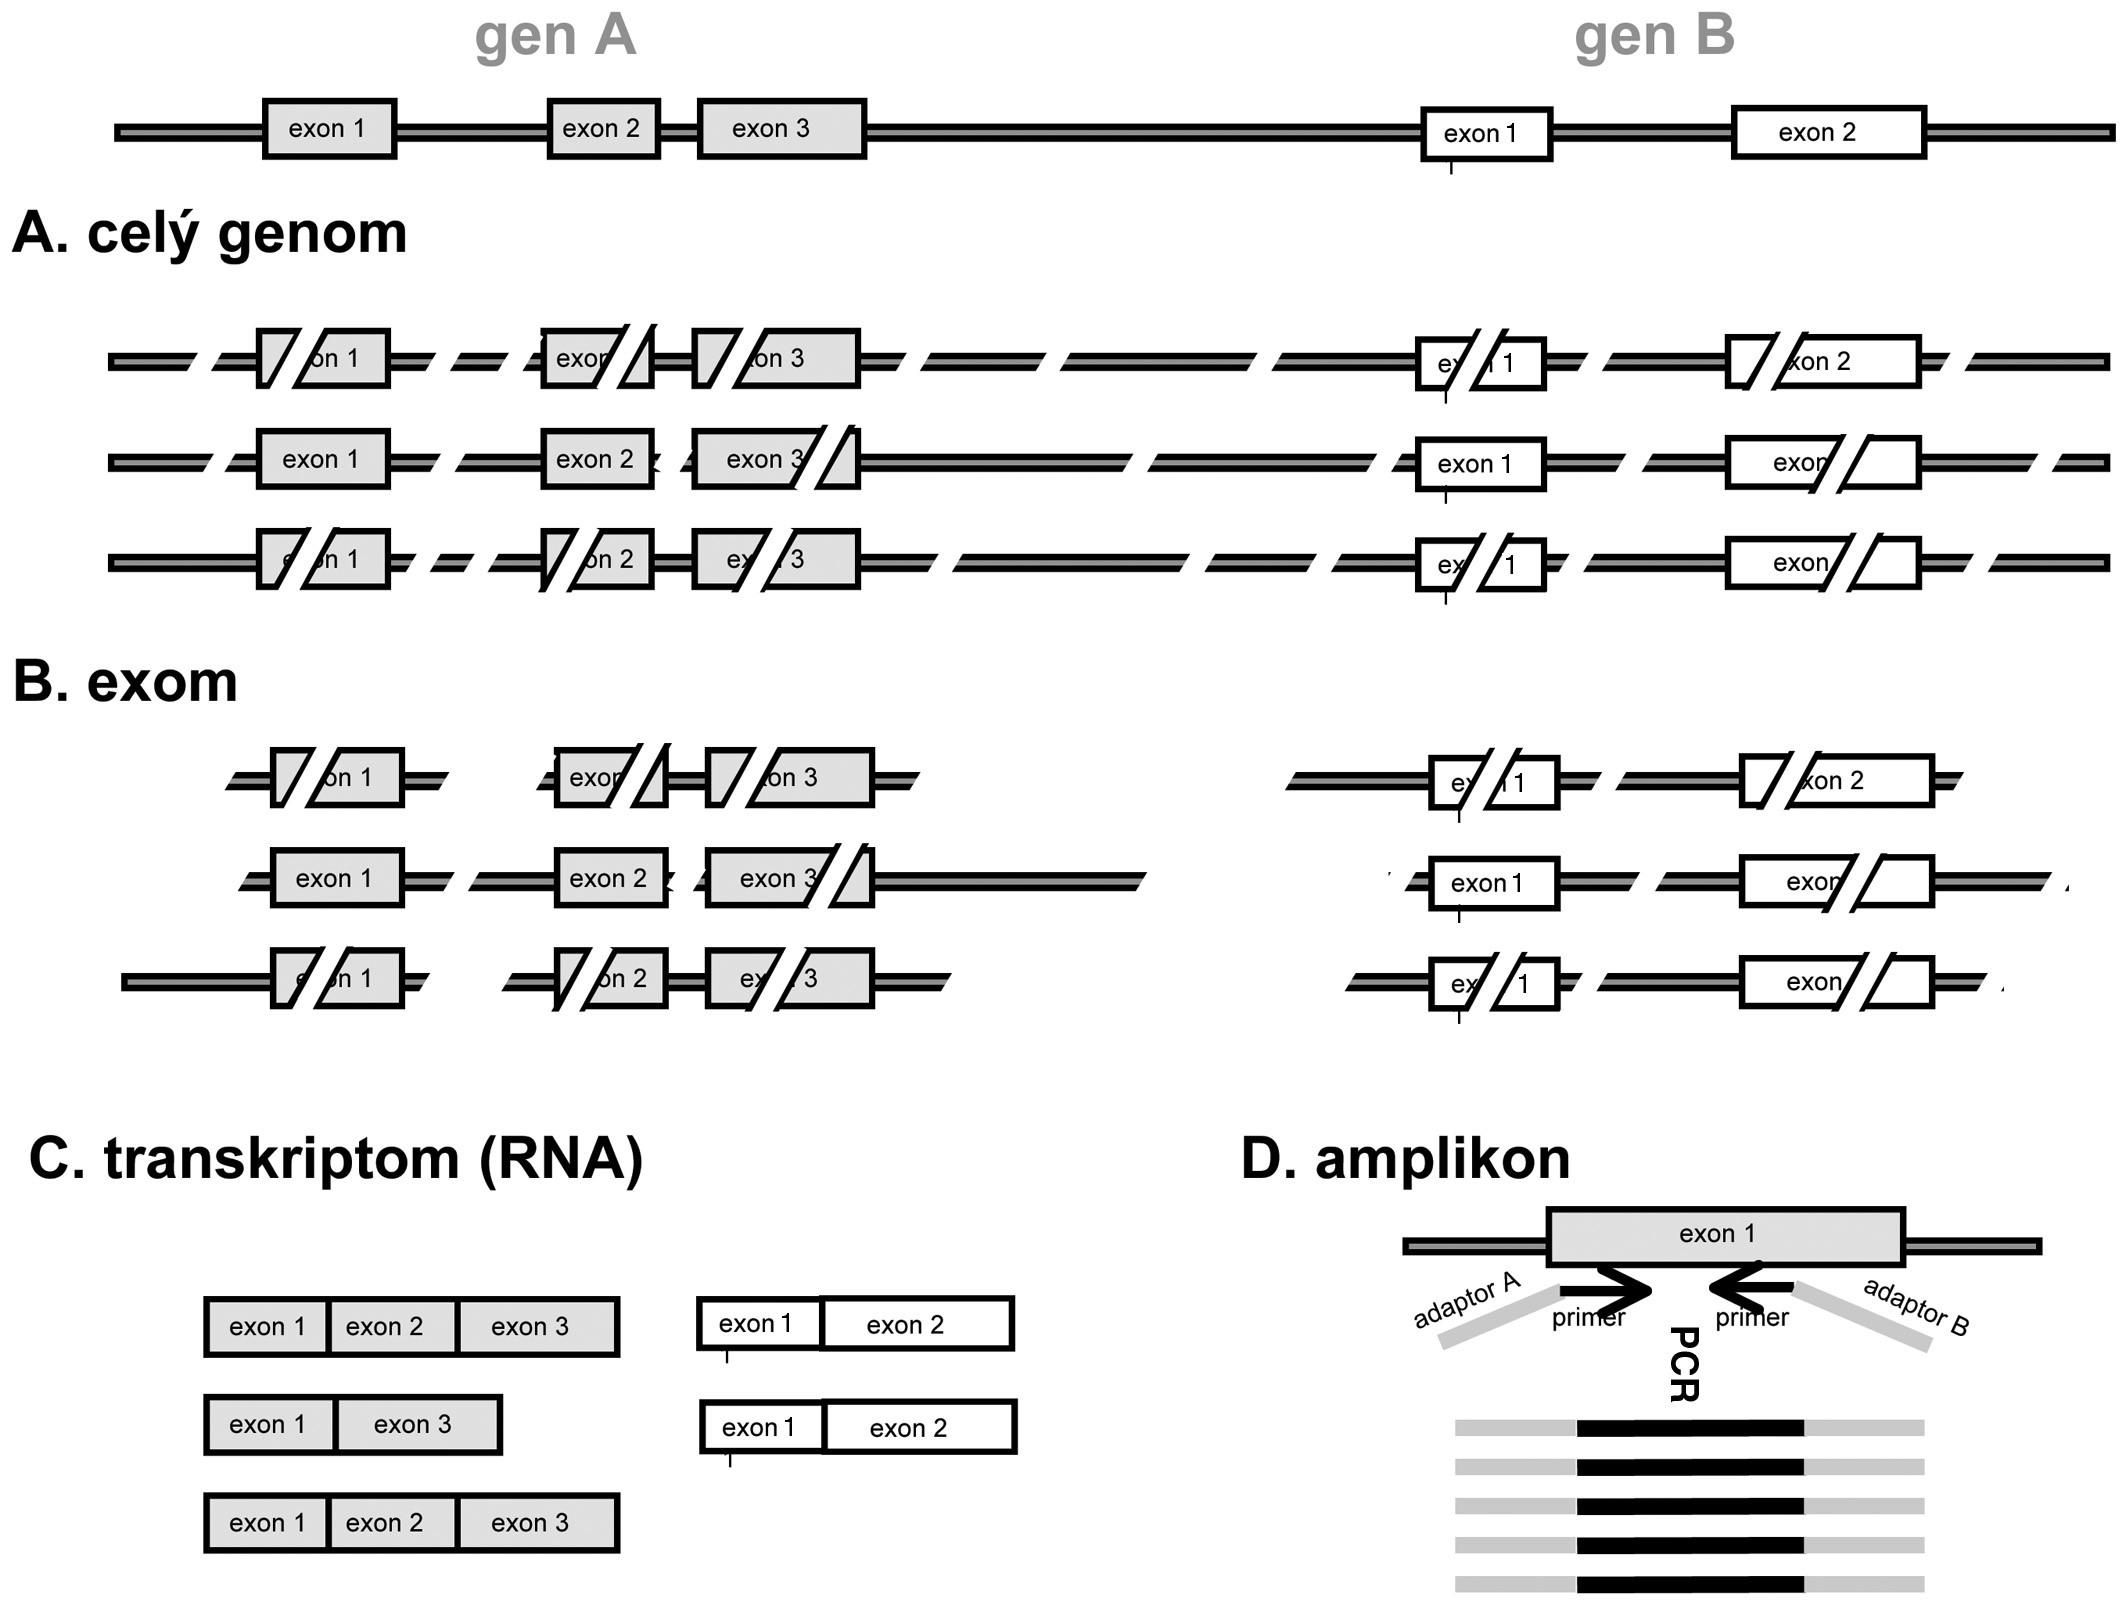 Zjednodušené schéma tvorby sekvenační knihovny u různých typů masivně paralelního sekvenování. A. celogenomové sekvenace: po naštěpení jsou sekvenovány všechny fragmenty DNA o vhodné délce; B. exomová sekvenace: jsou selektovány pouze fragmenty obsahující sekvence kódujících oblastí; C. transkriptomová sekvenace: sekvenována RNA po přepisu do cDNA; D. amplikonová sekvenace: sekvenovány s velkou hloubkou čtení produkty jedné nebo více PCR reakcí cílených na oblast zájmu (např. mutace u nádoru). Použité primery mohou již obsahovat sekvence adaptorů specifických pro daný přístroj (šedá barva).